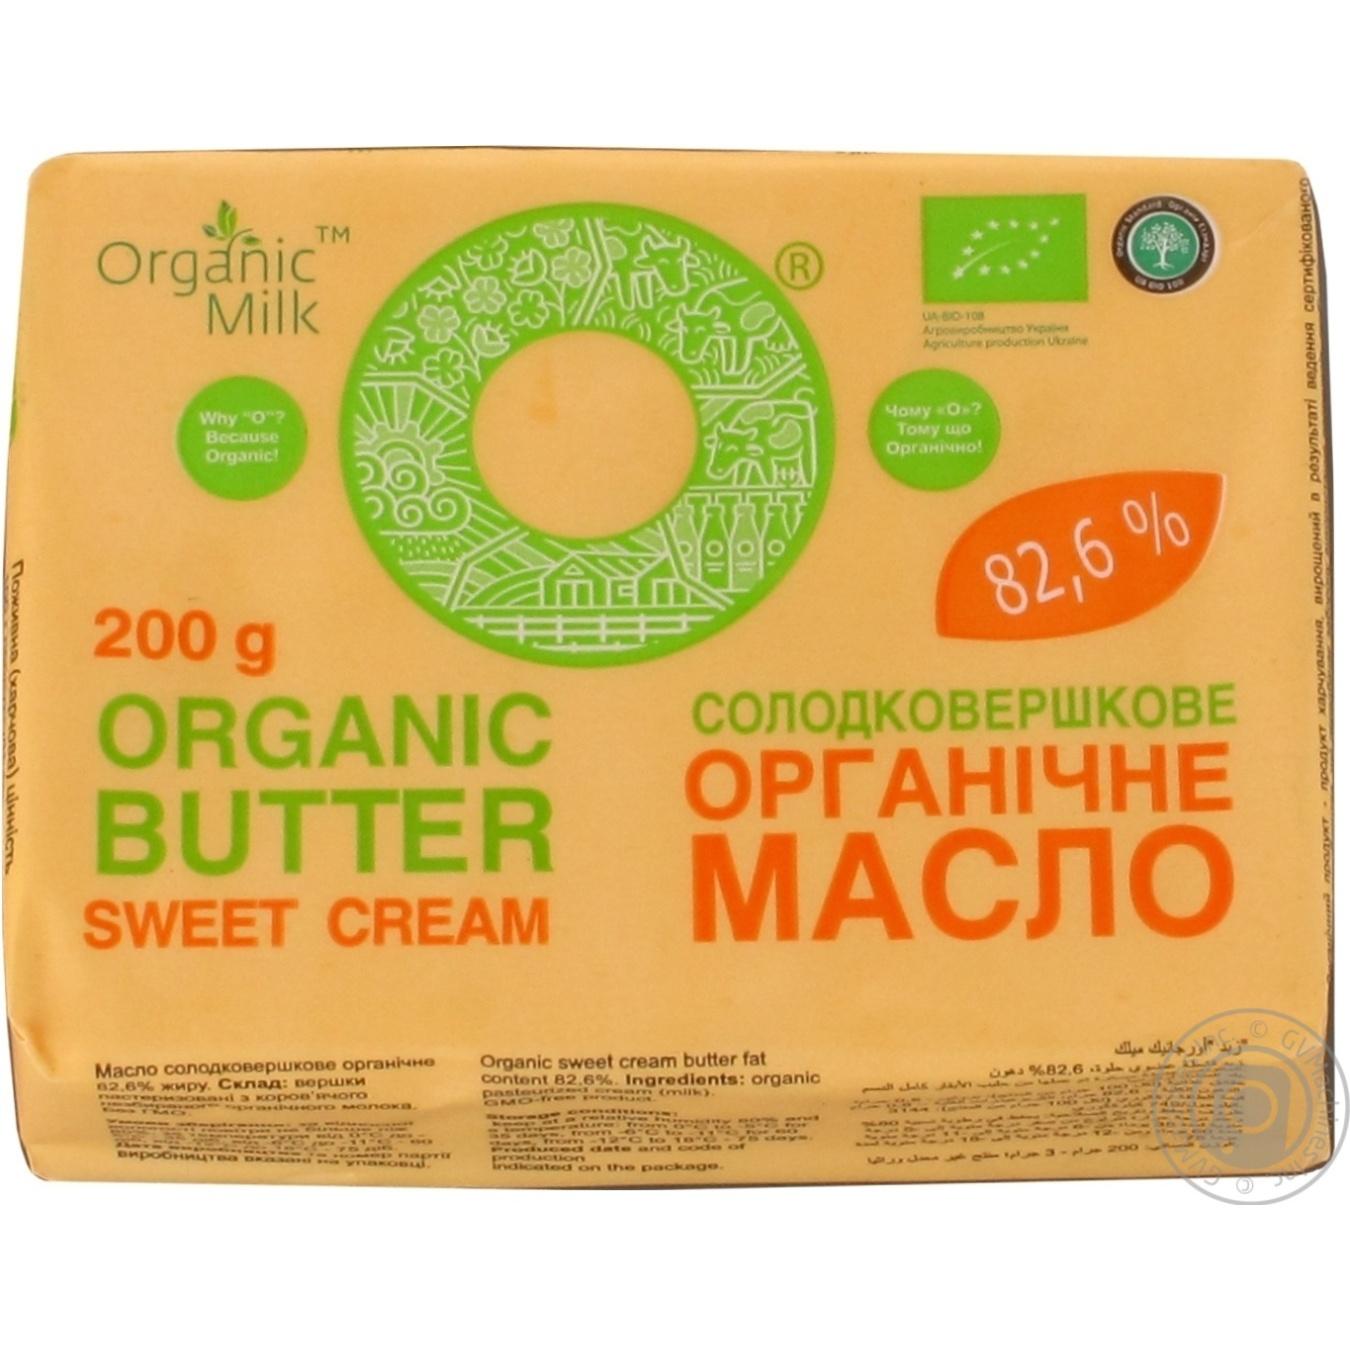 Масло Органик Милк органическое сладкосливочное экстра 82.6% 200г